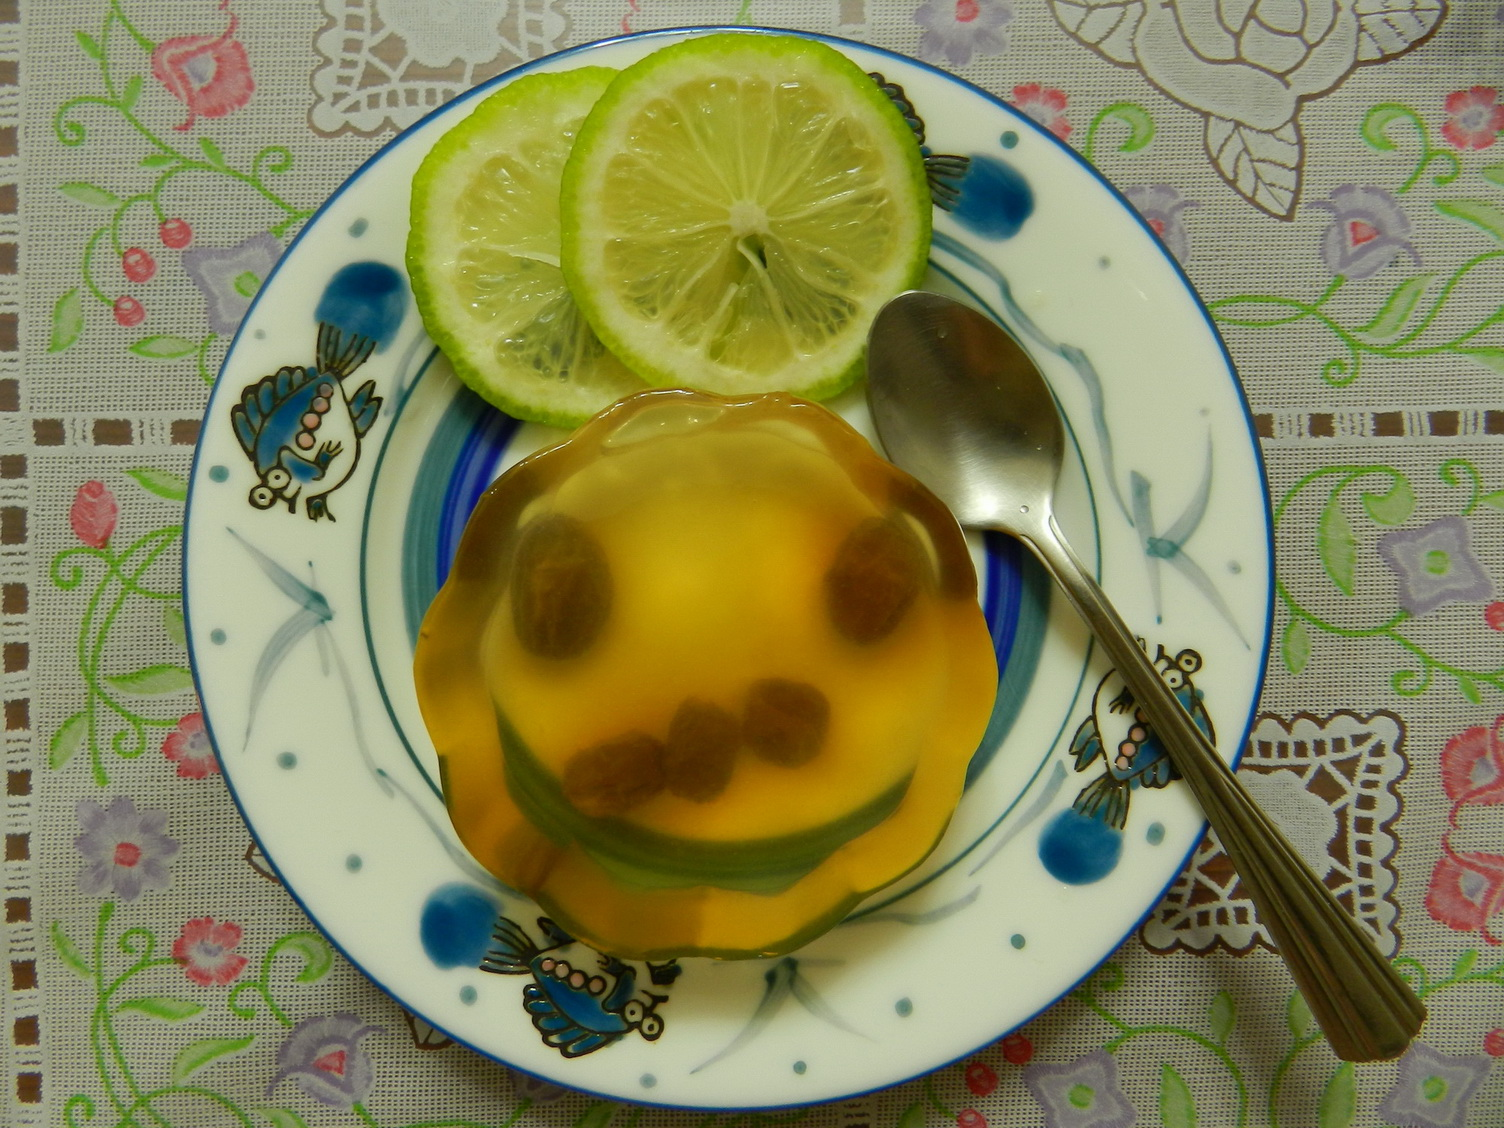 石花菜變身成好吃的果凍。圖片來源:方雅芬